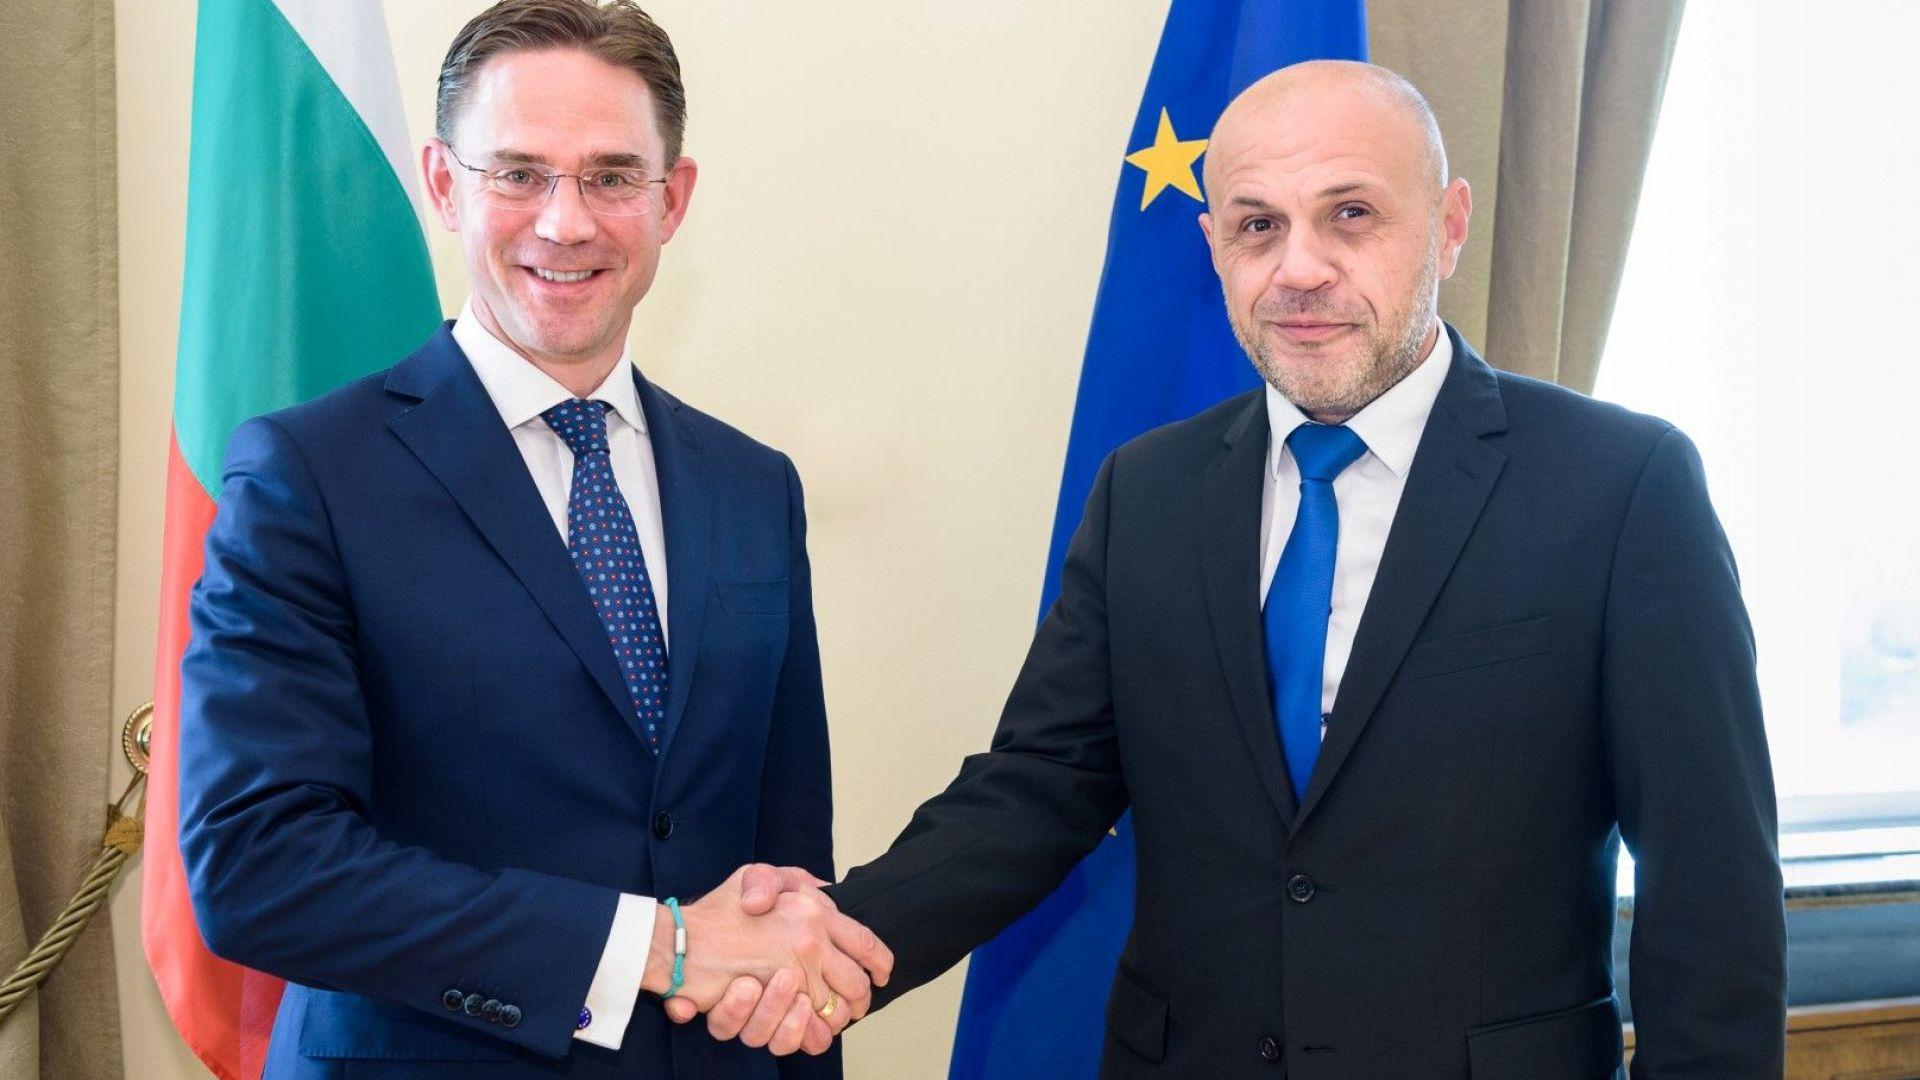 Заместник министър-председателят Томислав Дончев се срещна със заместник-председателя на Европейската